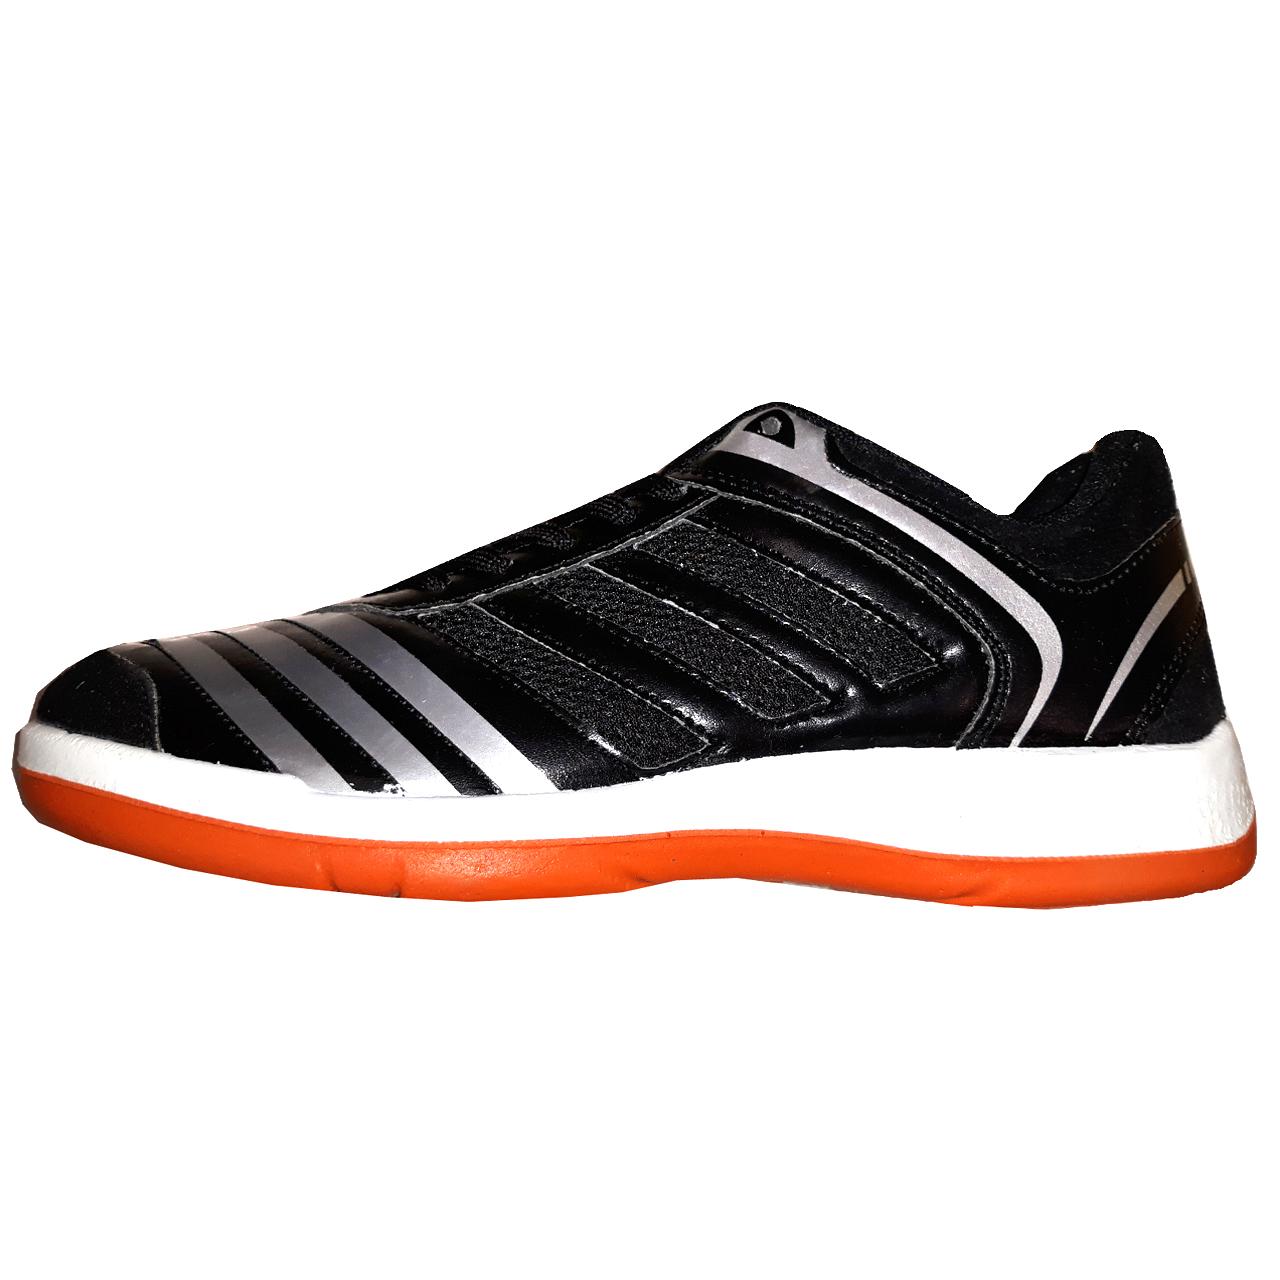 قیمت کفش فوتسال مردانه مدل اسپرت 365